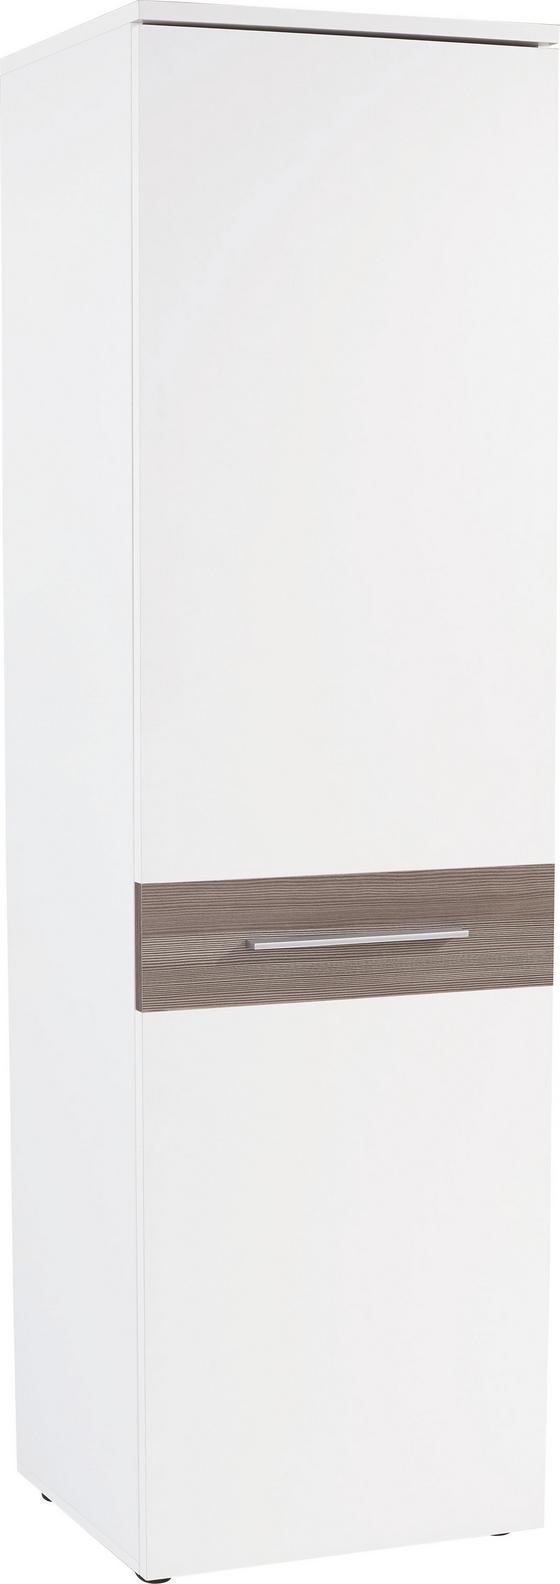 Šatná Skriňa Monza - biela/tmavohnedá, Moderný, drevený materiál (60/196/36cm)